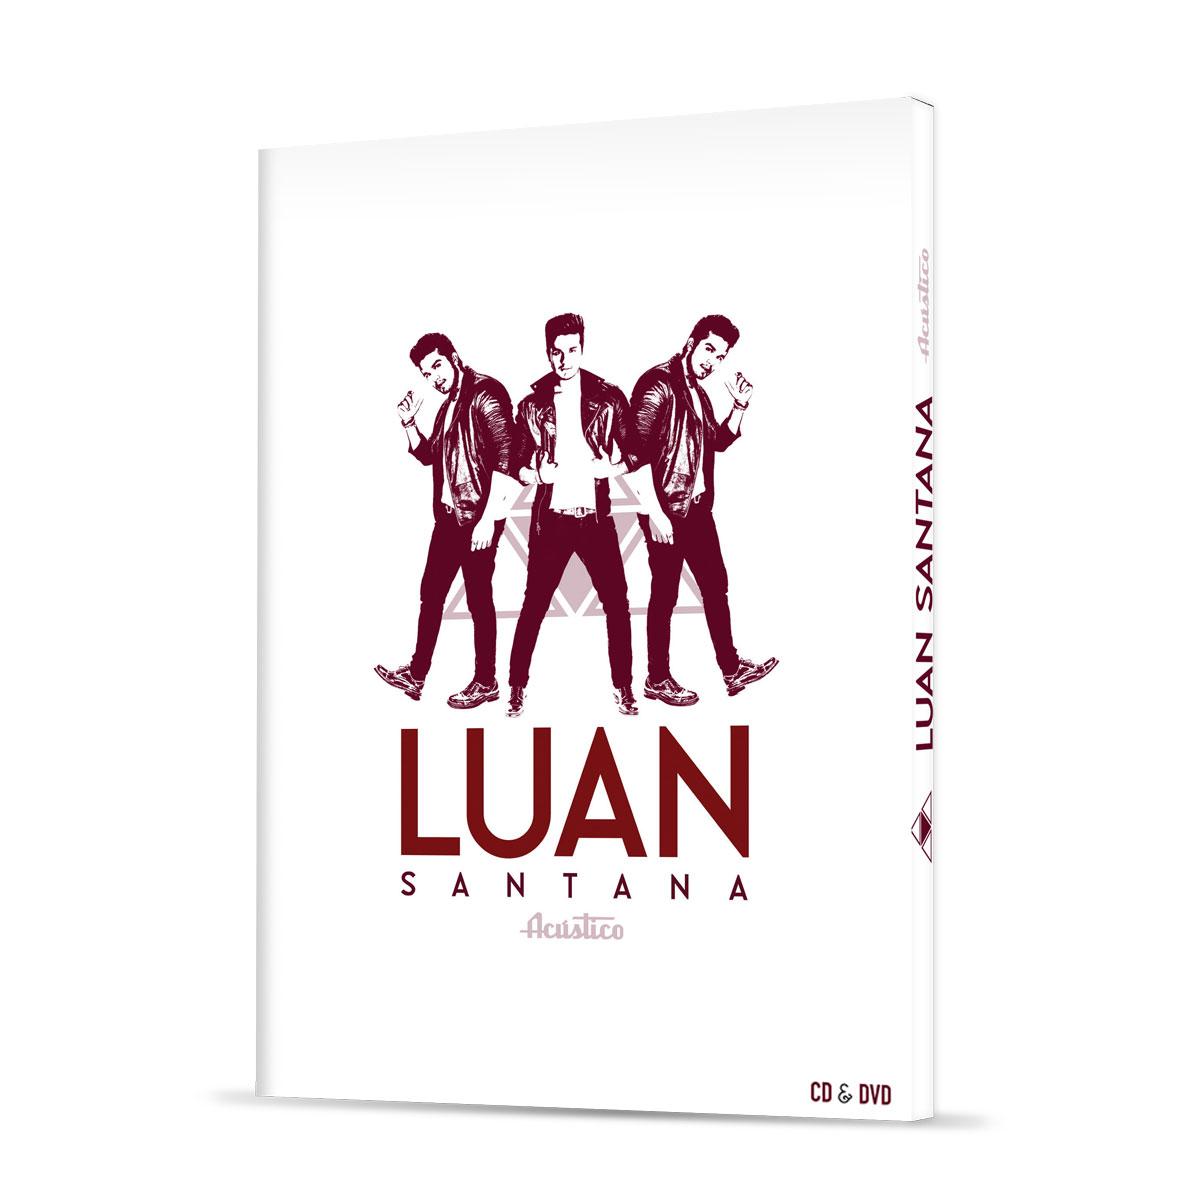 CD+DVD Luan Santana Acústico + Pôsteres GRÁTIS